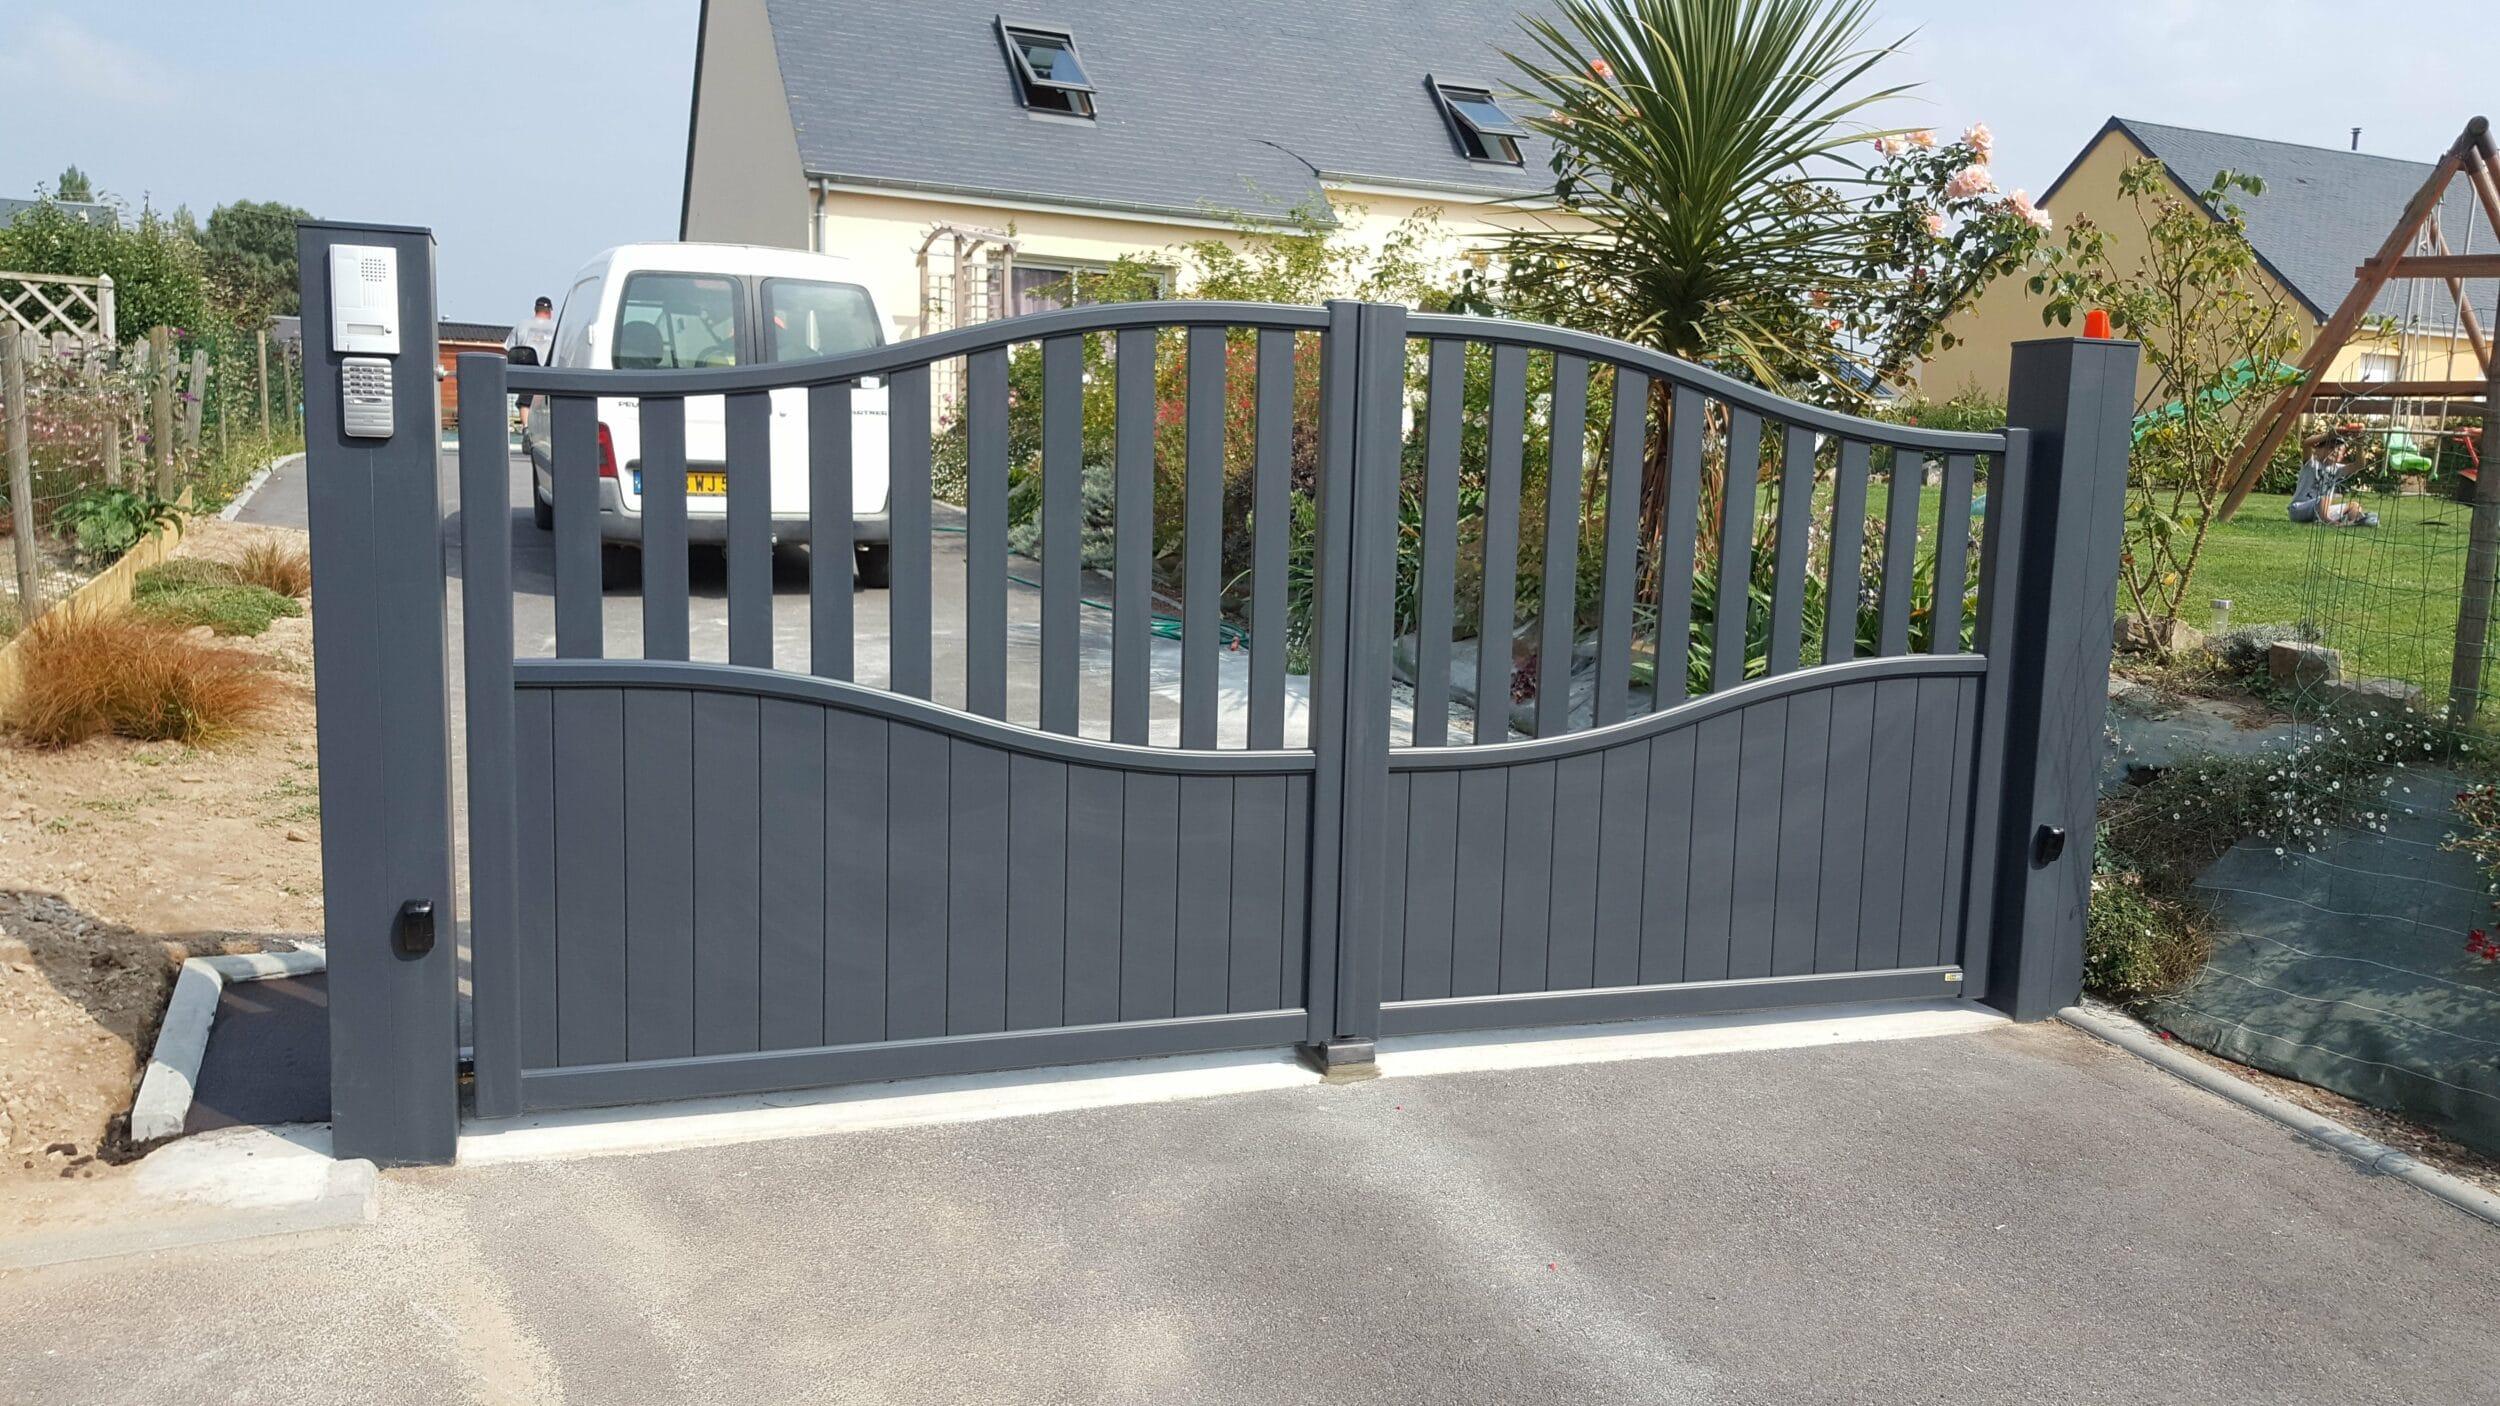 Renov habitat pose d 39 un portail aluminium cardinal sur une maison pr s de la haye du puits for Renov habitat